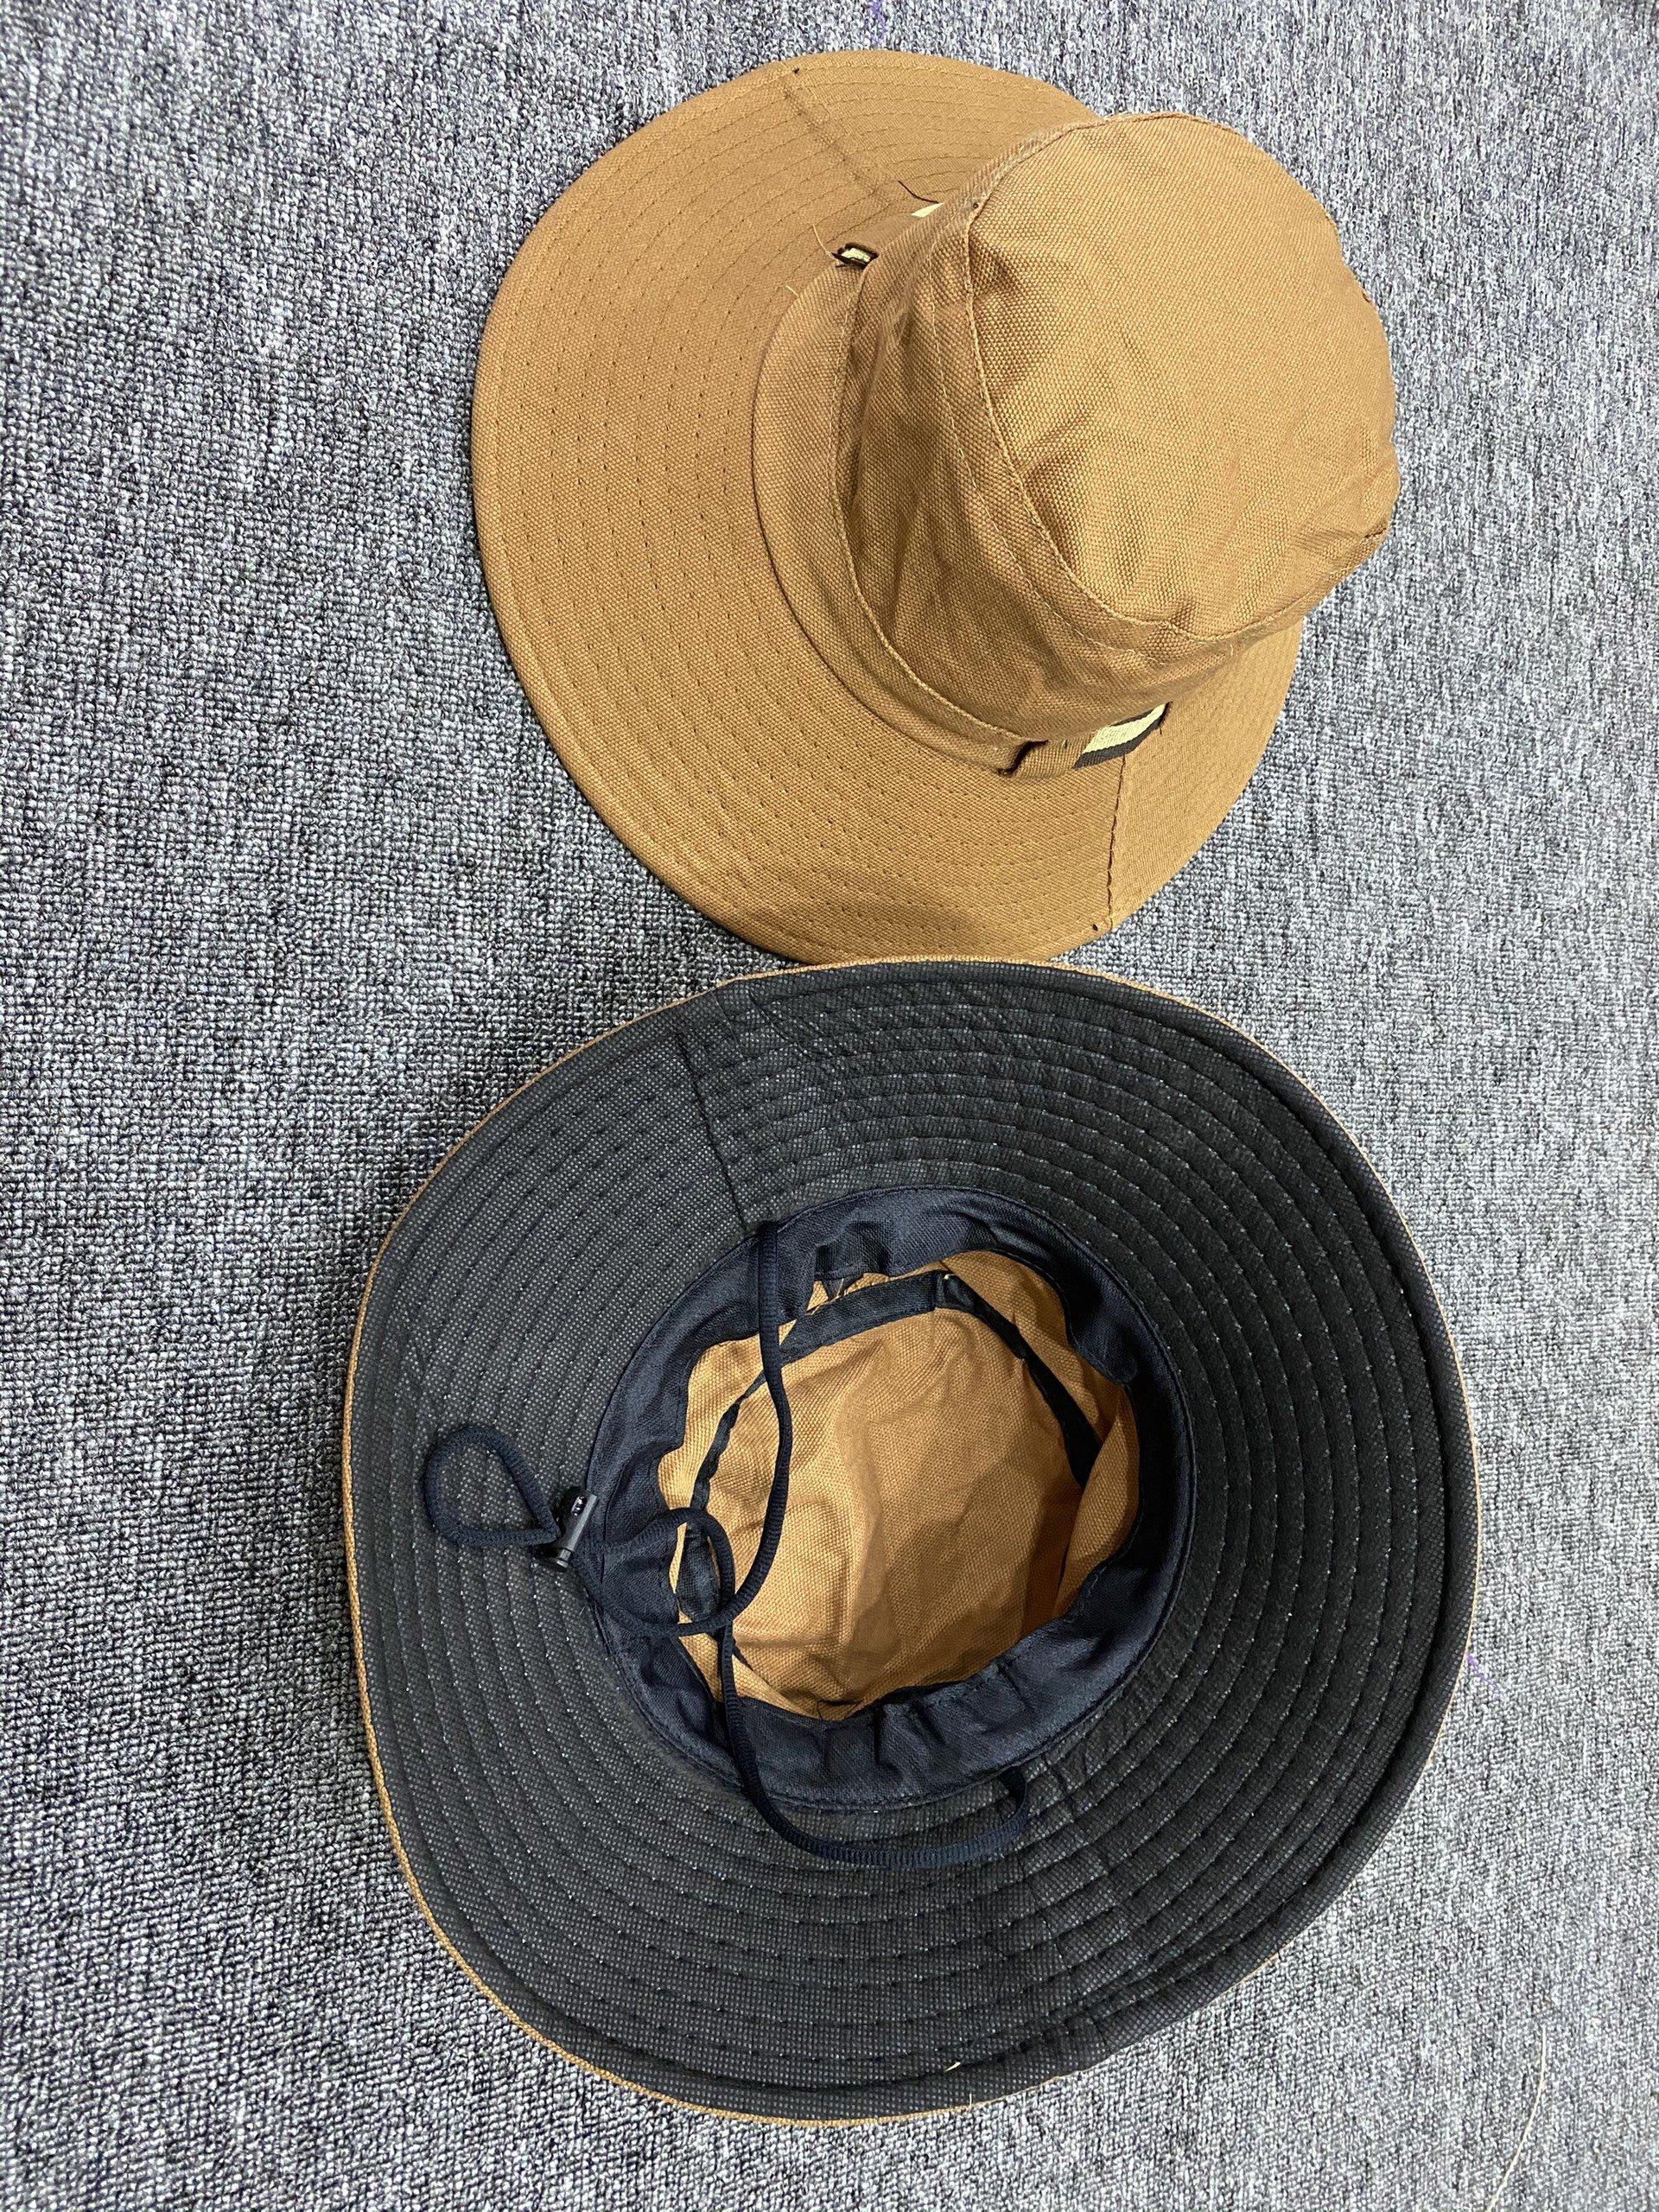 Shop nón tai bèo tại TPHCM